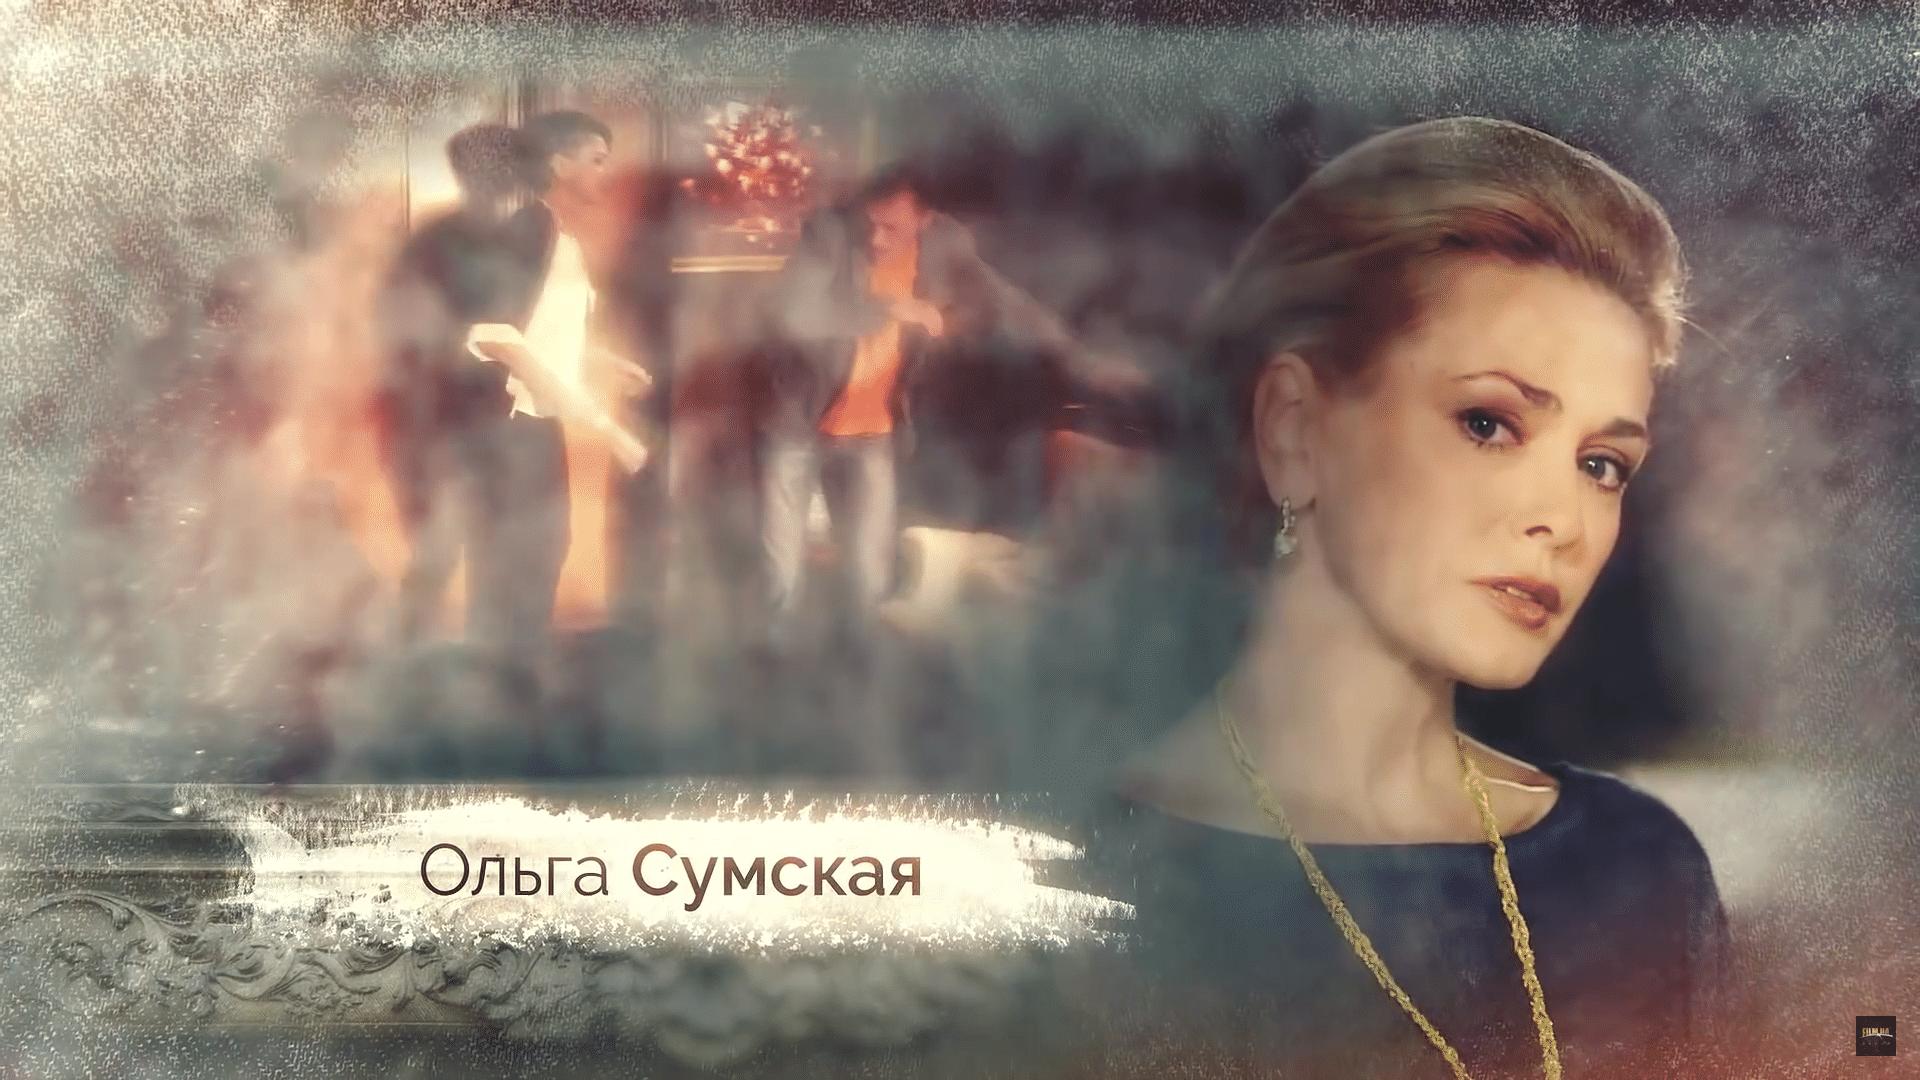 Ольга Сумская – Сыграла главную отрицательную роль в сериале – злая свекровь, Софья Середа, мать Григория